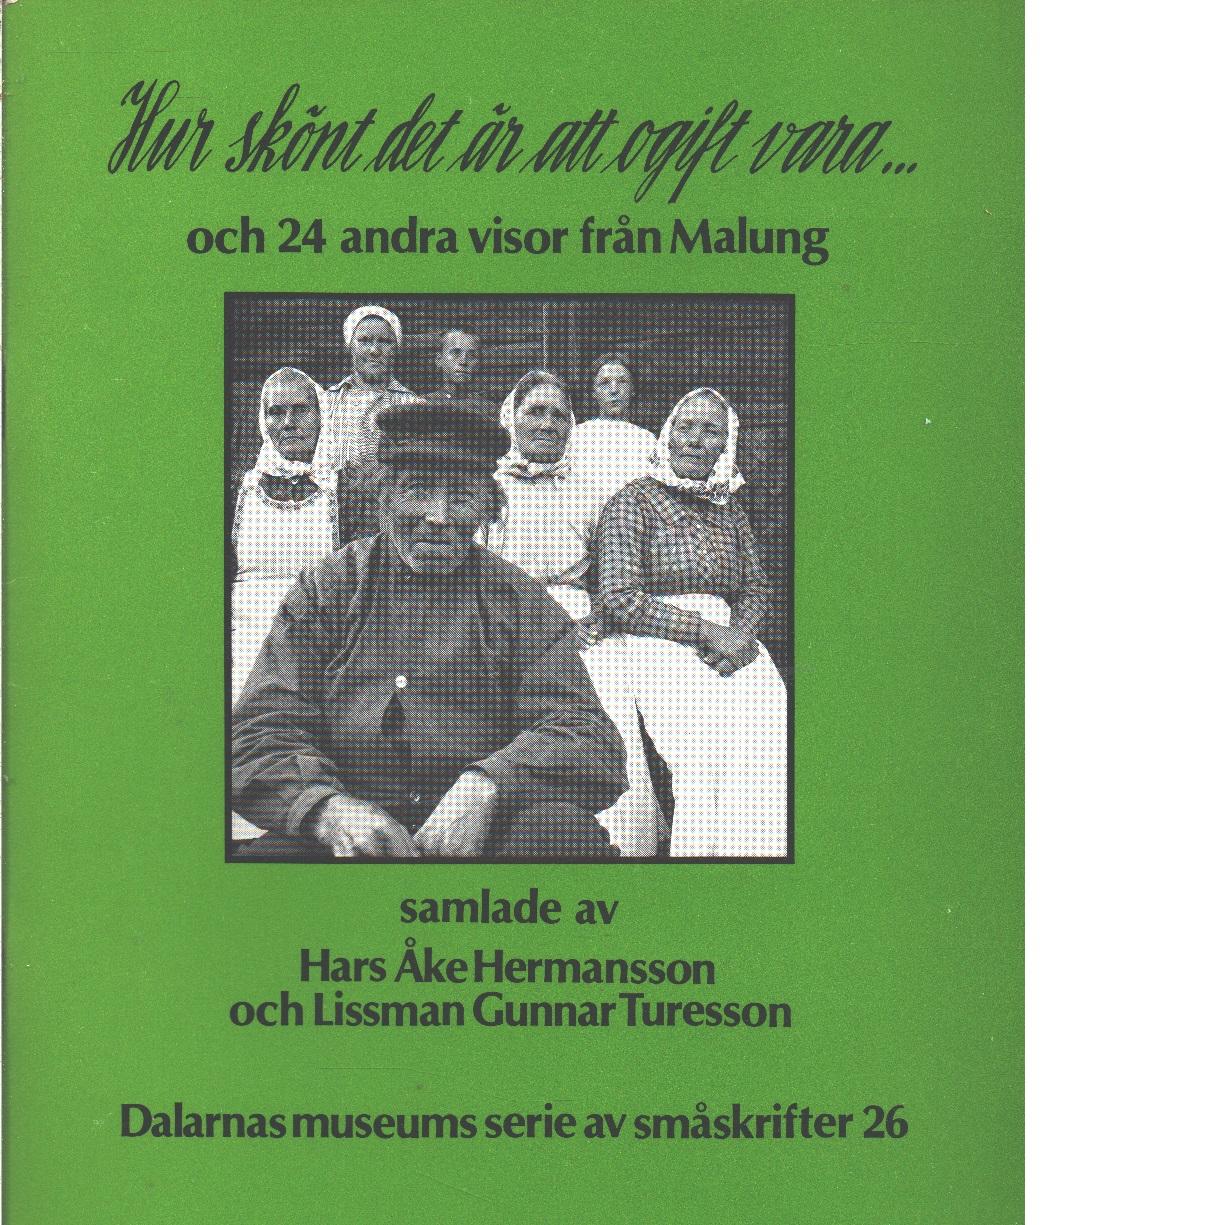 Hur skönt det är att ogift vara- [Musiktryck] och 24 andra visor från Malung  - Red. Hermansson, Hars Åke och  Turesson, Lissman Gunnar